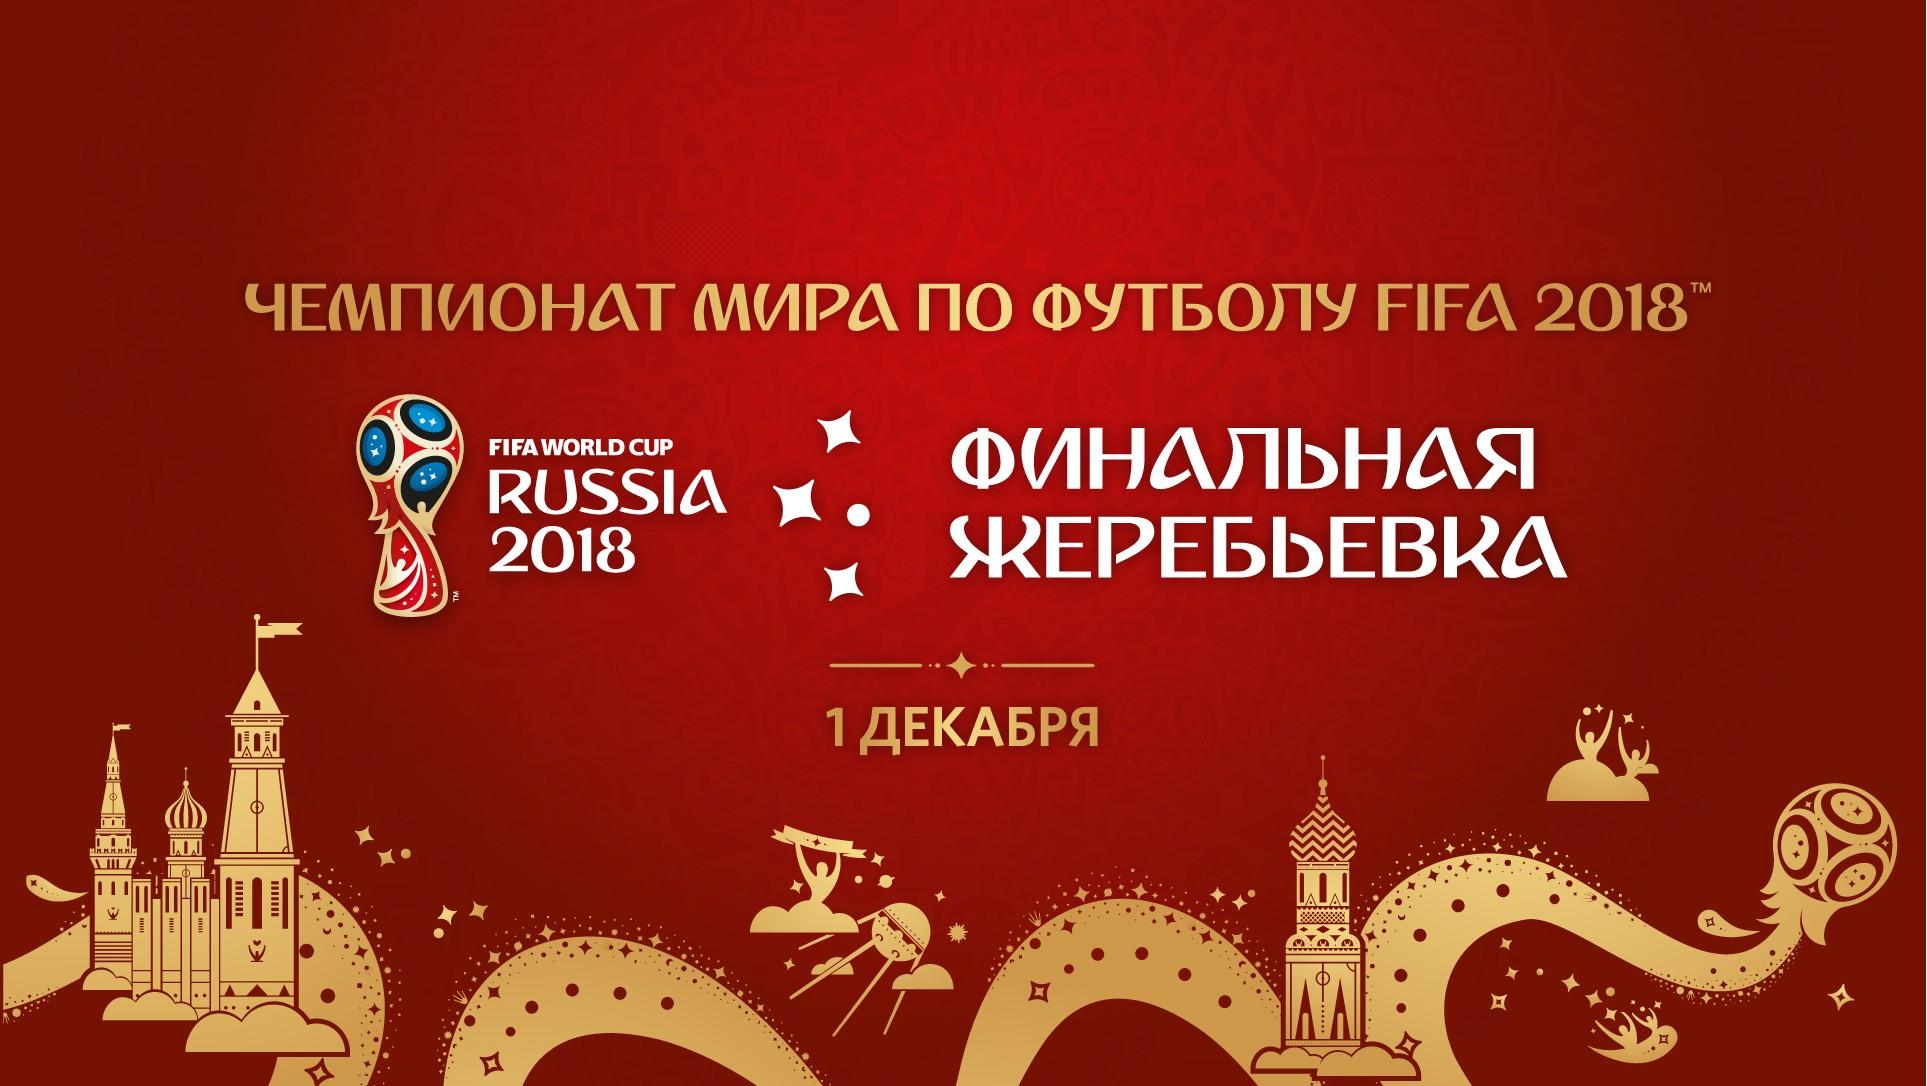 Судьба команд Чемпионата мира по футболу определится в Кремлёвском дворце